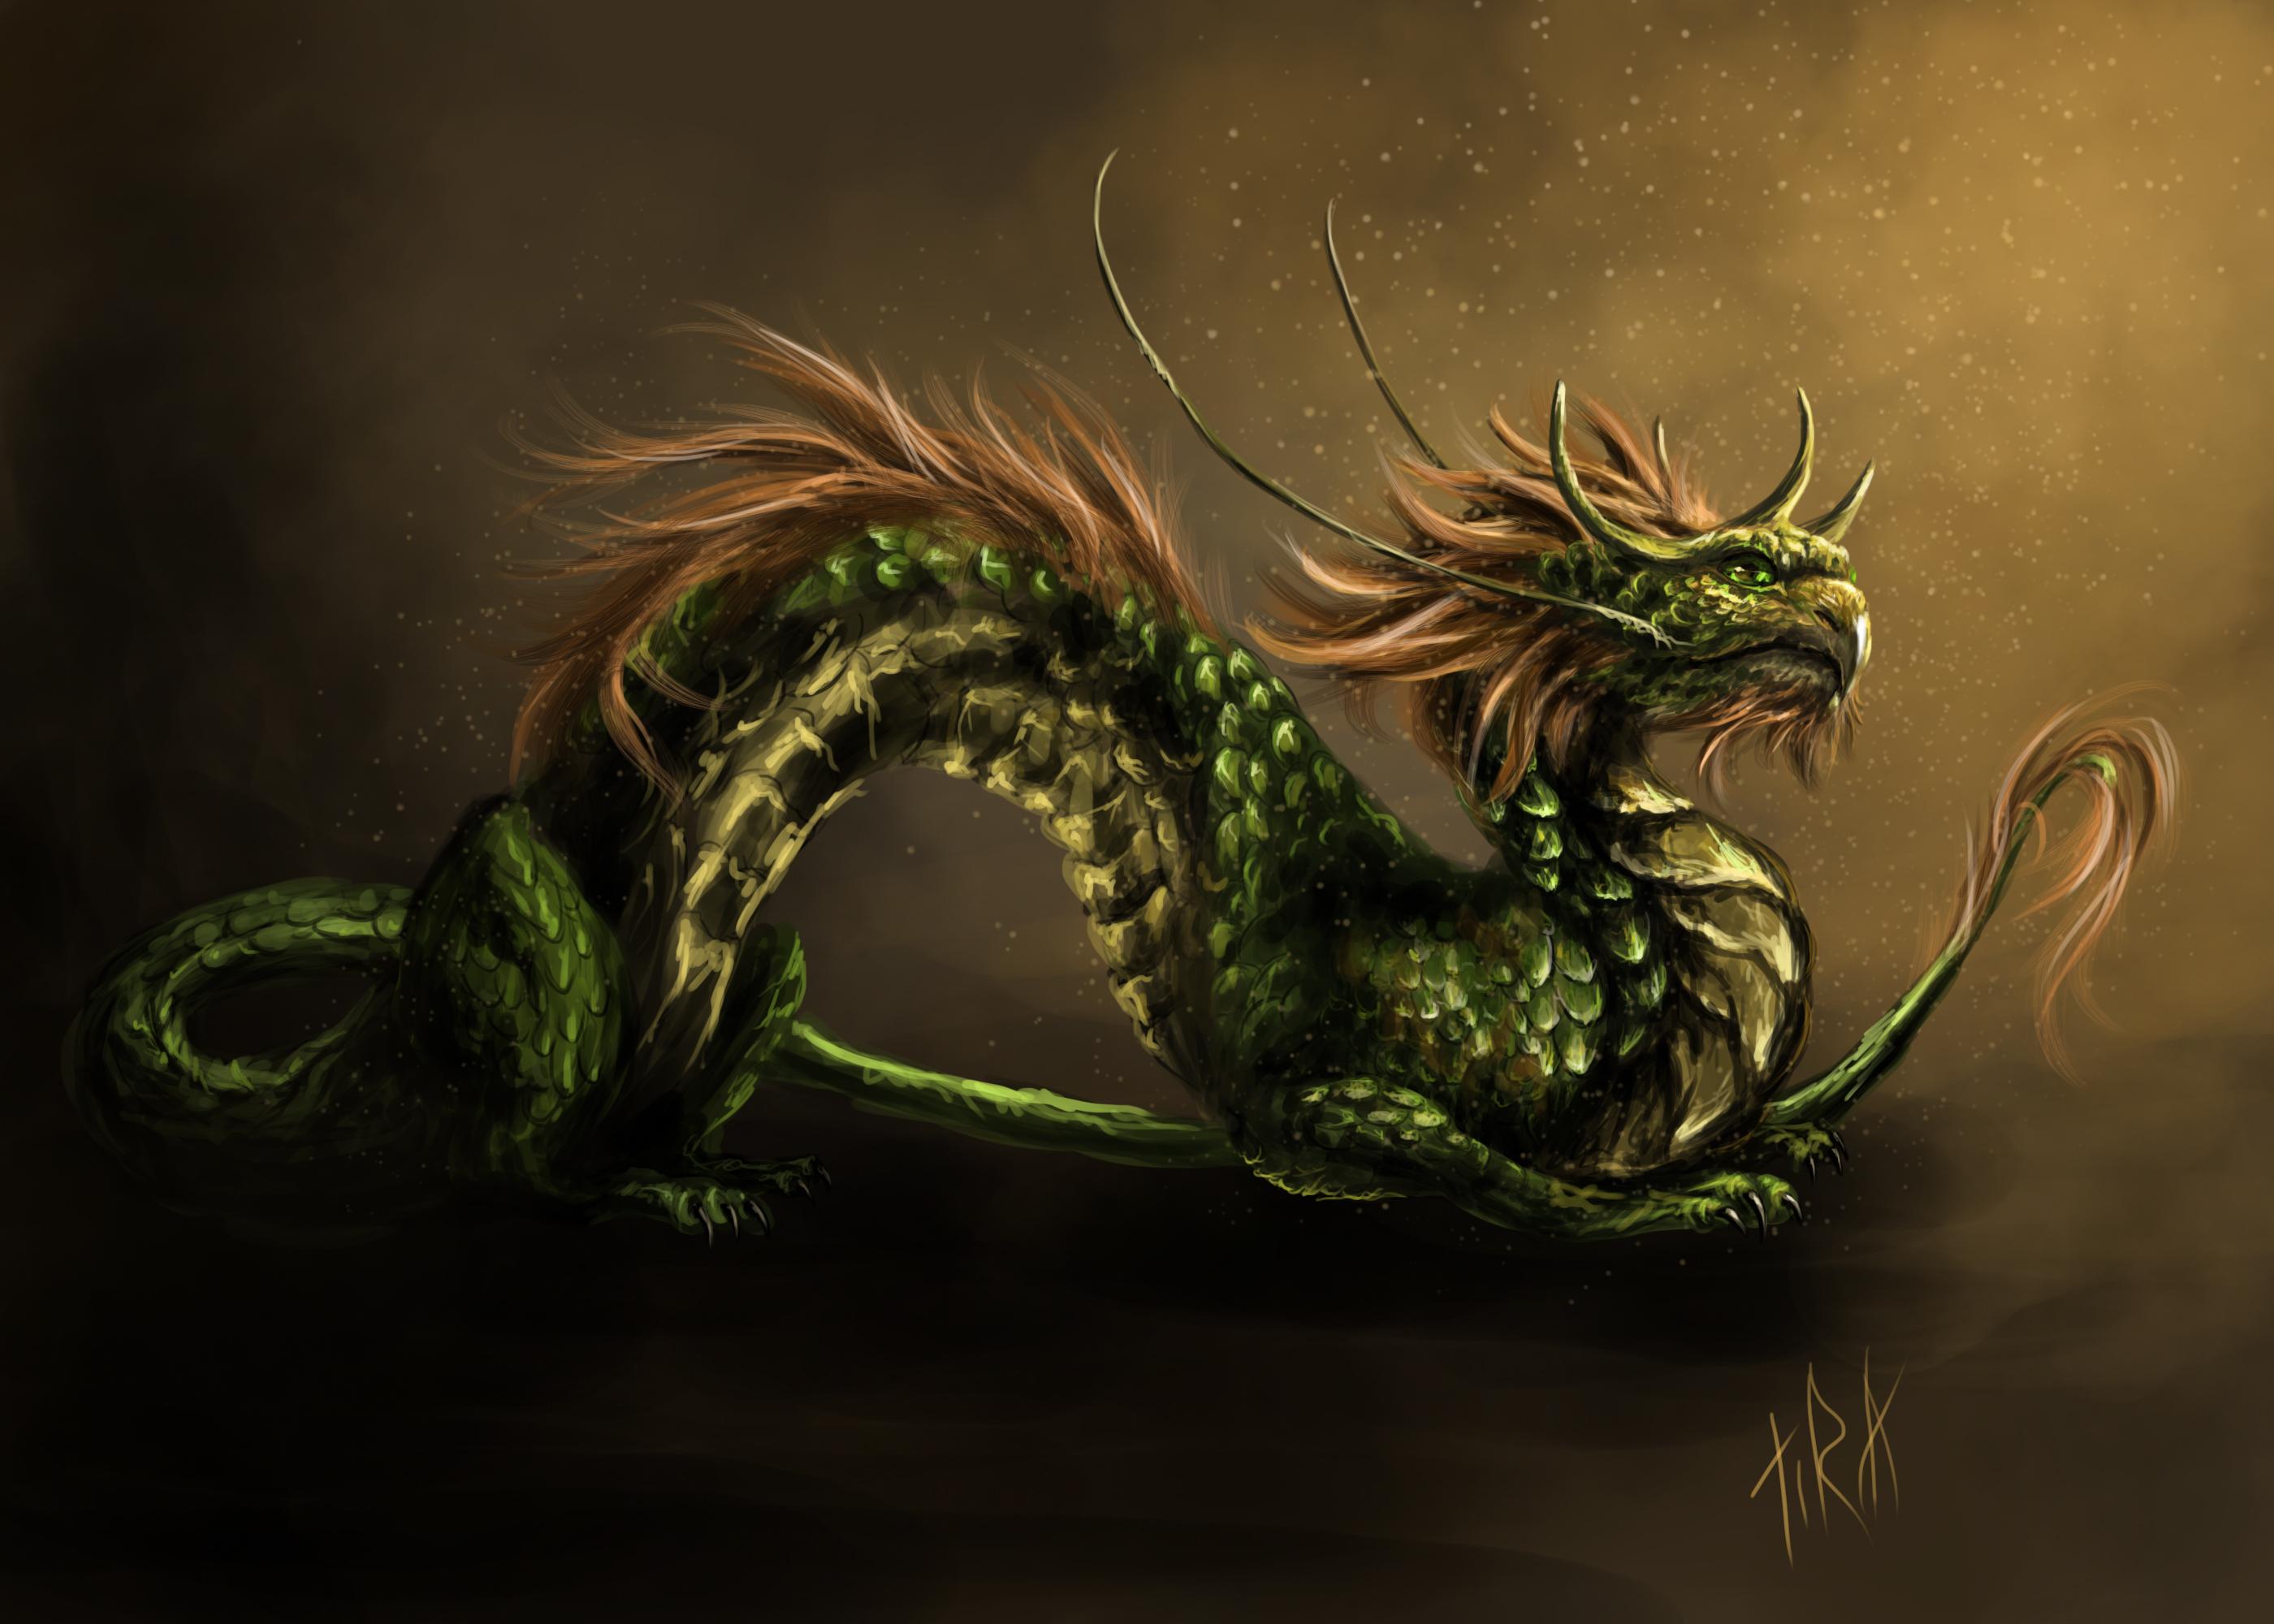 Нарисованый фэнтезийный зеленый дракон  № 3349170 бесплатно